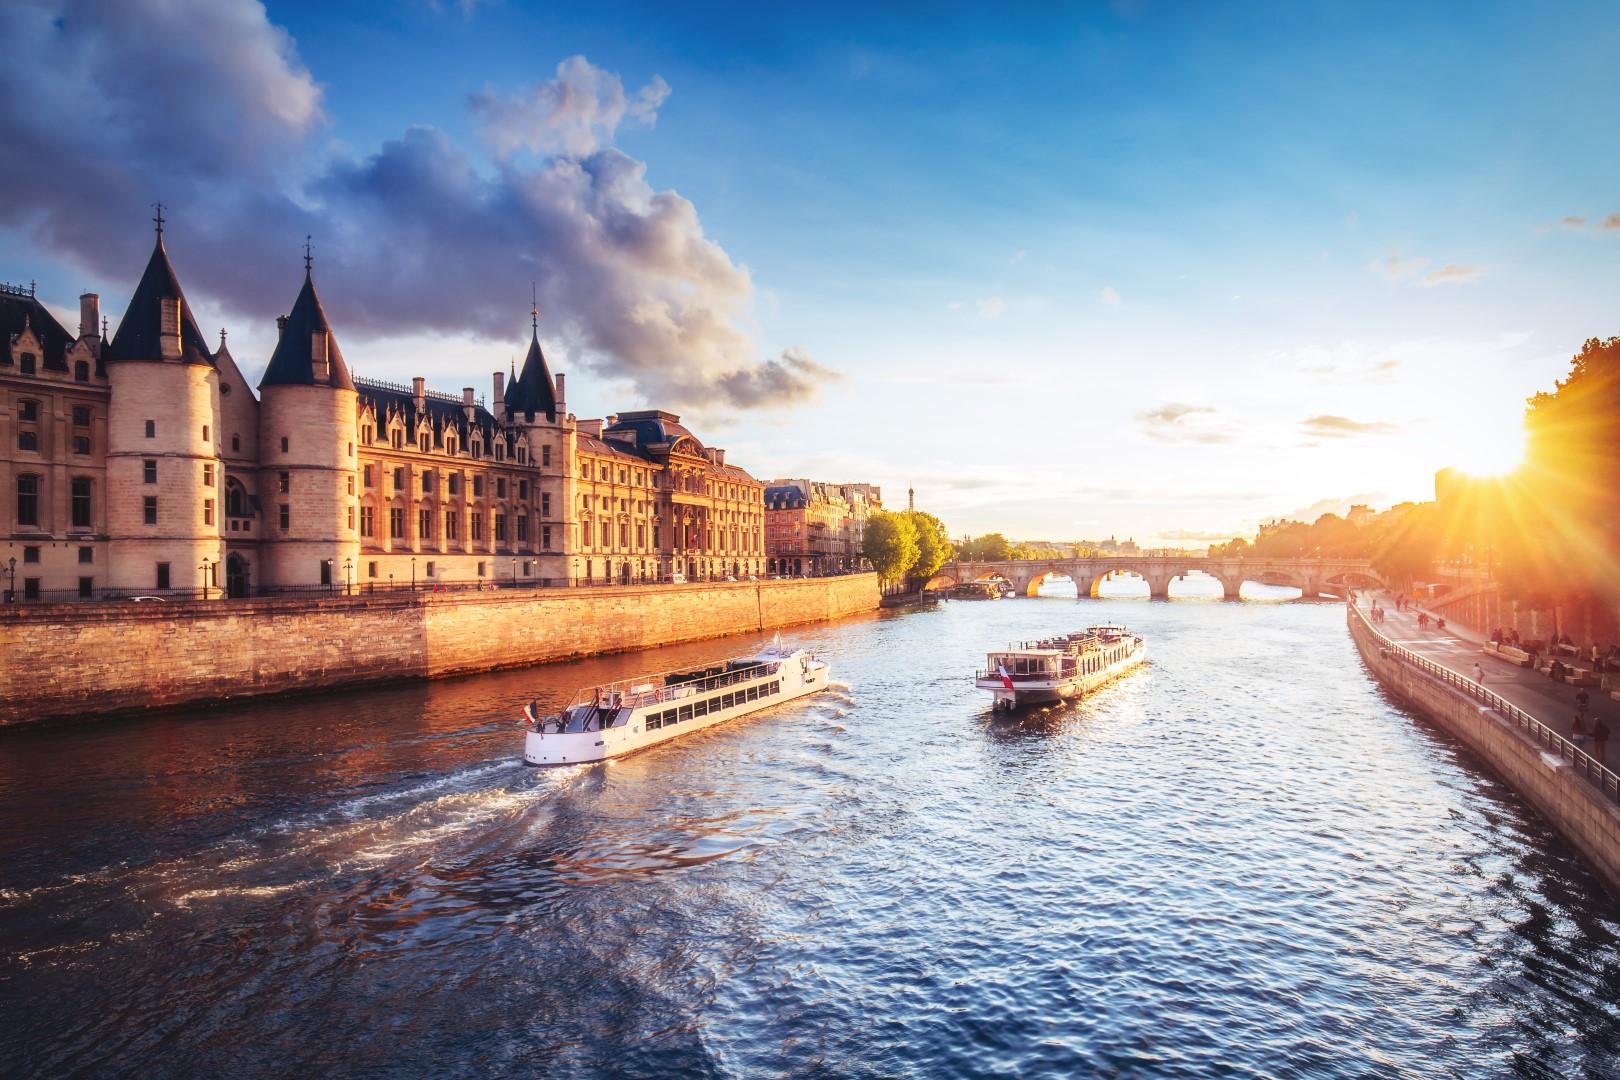 Paříž a zámky na Loiře (autobusem) #5